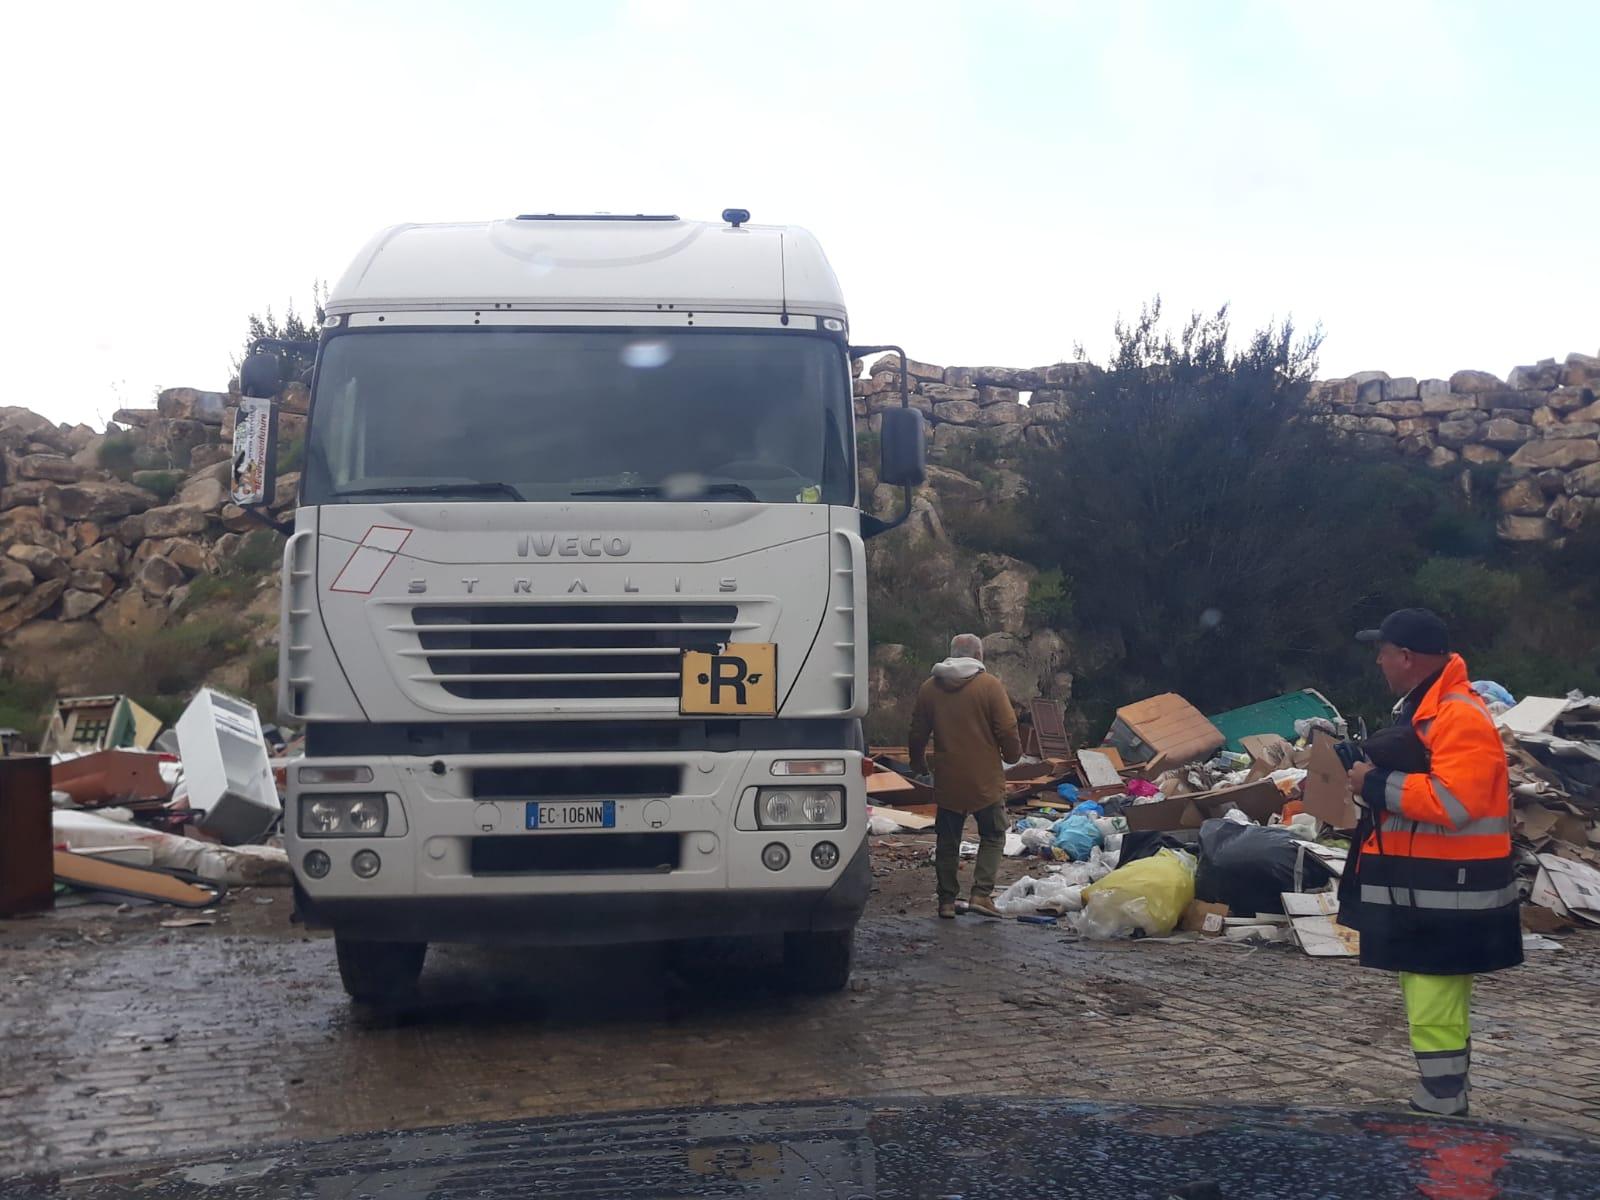 Caos spazzatura a Rosolini, odore di intrallazzi su nuova gara (VIDEO)